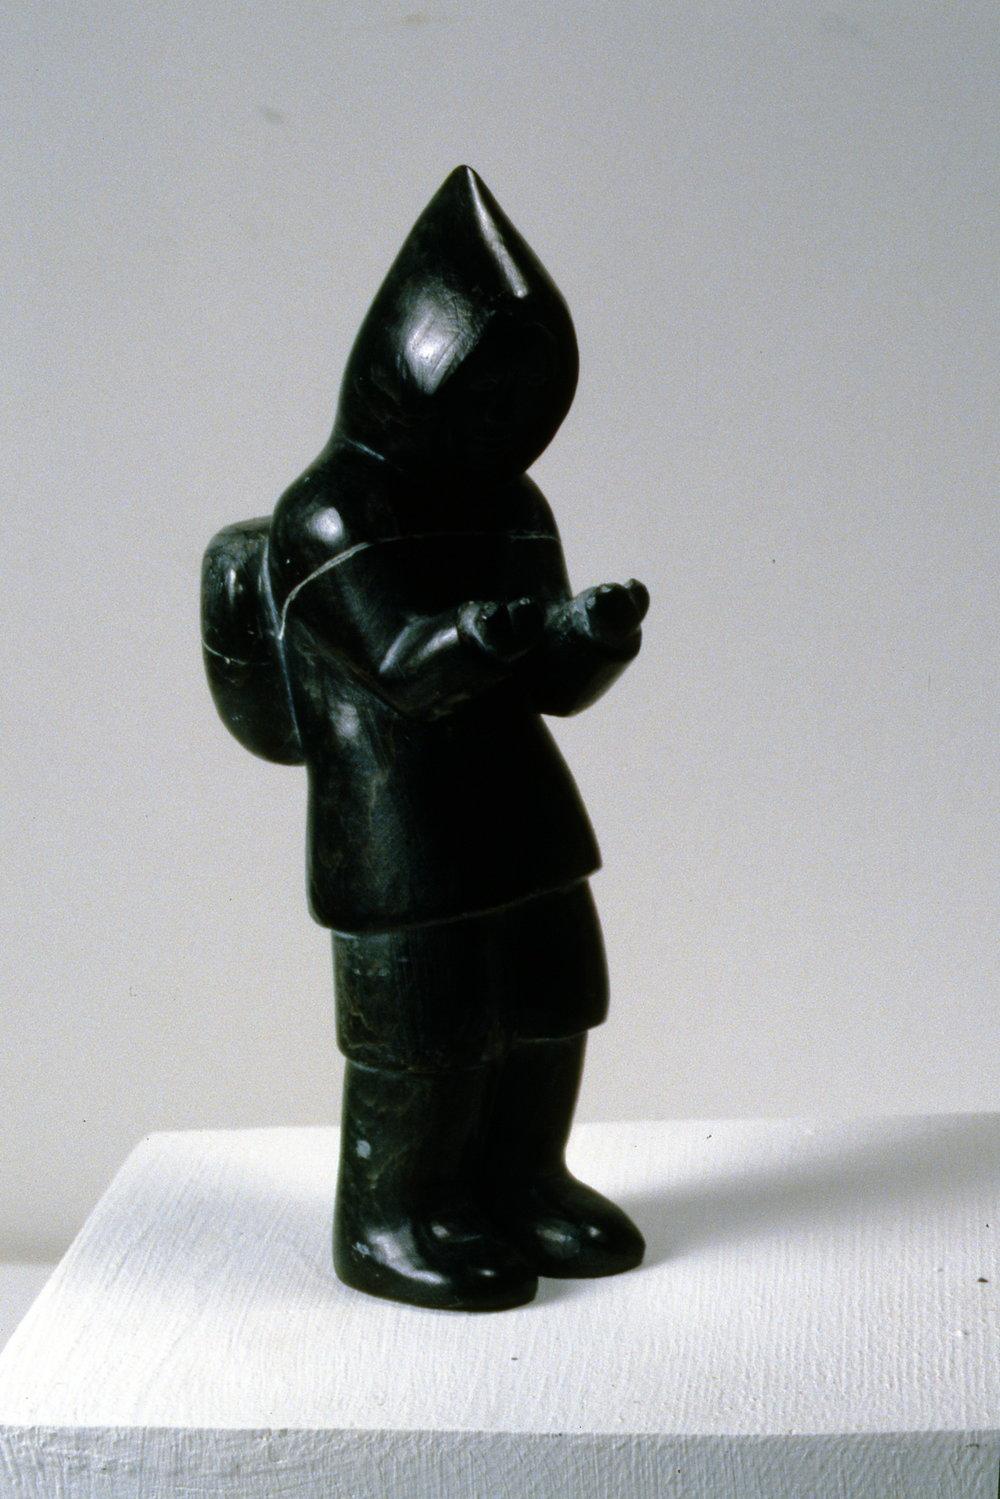 Man Carrying Pack, n.d., Noah Arnaquq, carved stone, 15.2 x 6 x 4.5cm, 1998.01.31